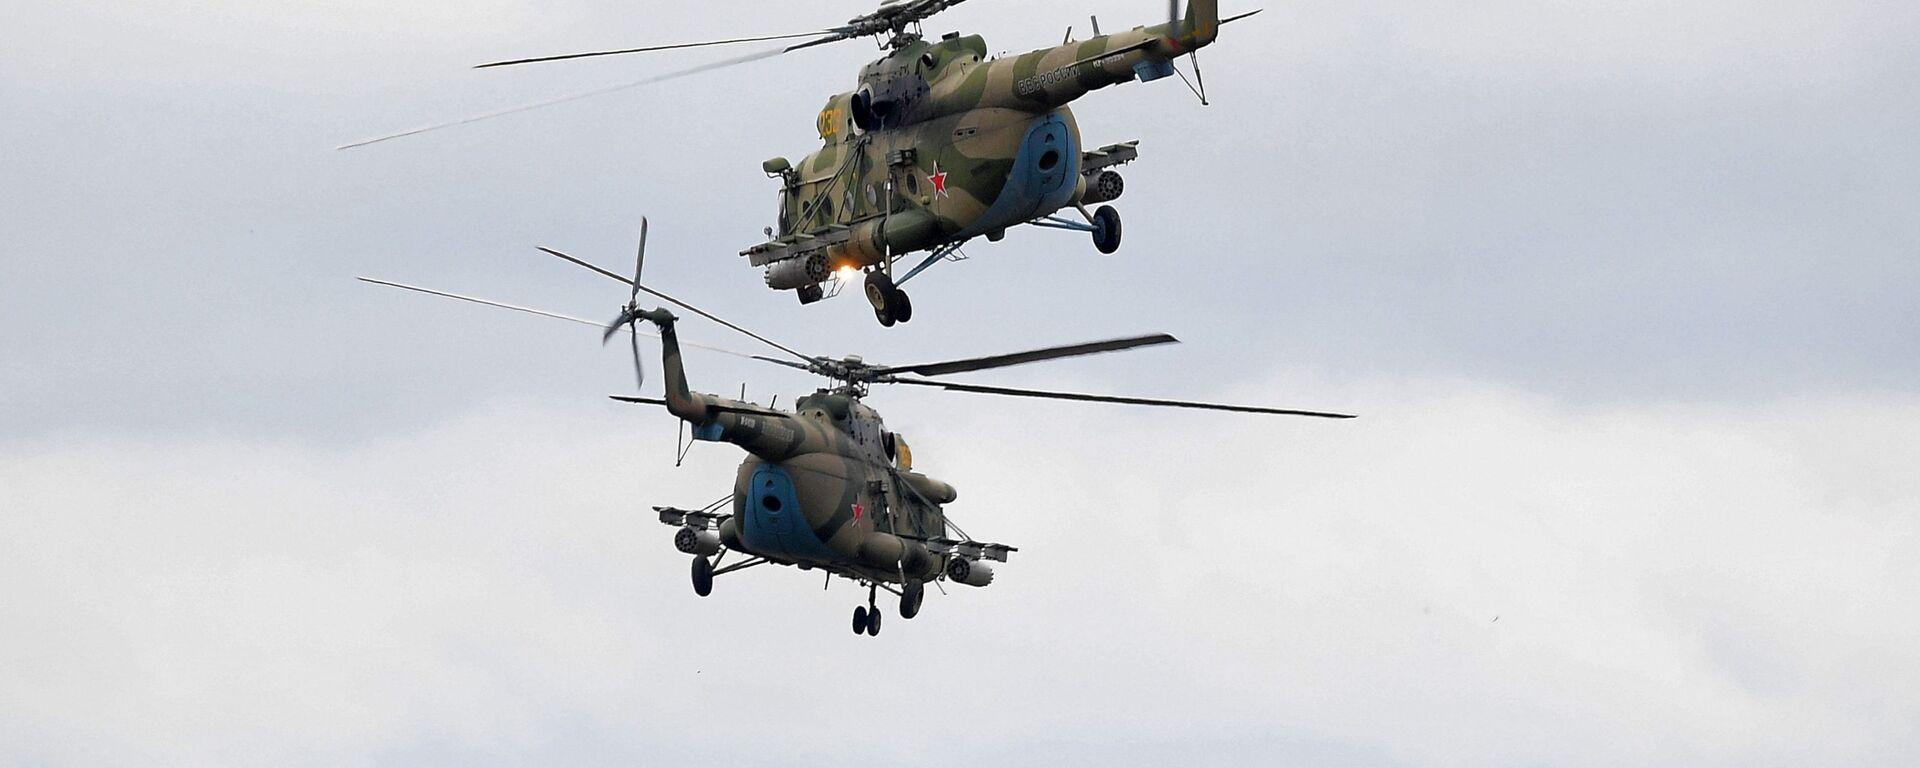 Вертолеты Ми-8 во время командно-штабных учений ОДКБ Нерушимое братство 2020 на полигоне Лосвидо под Витебском - Sputnik Таджикистан, 1920, 27.08.2021